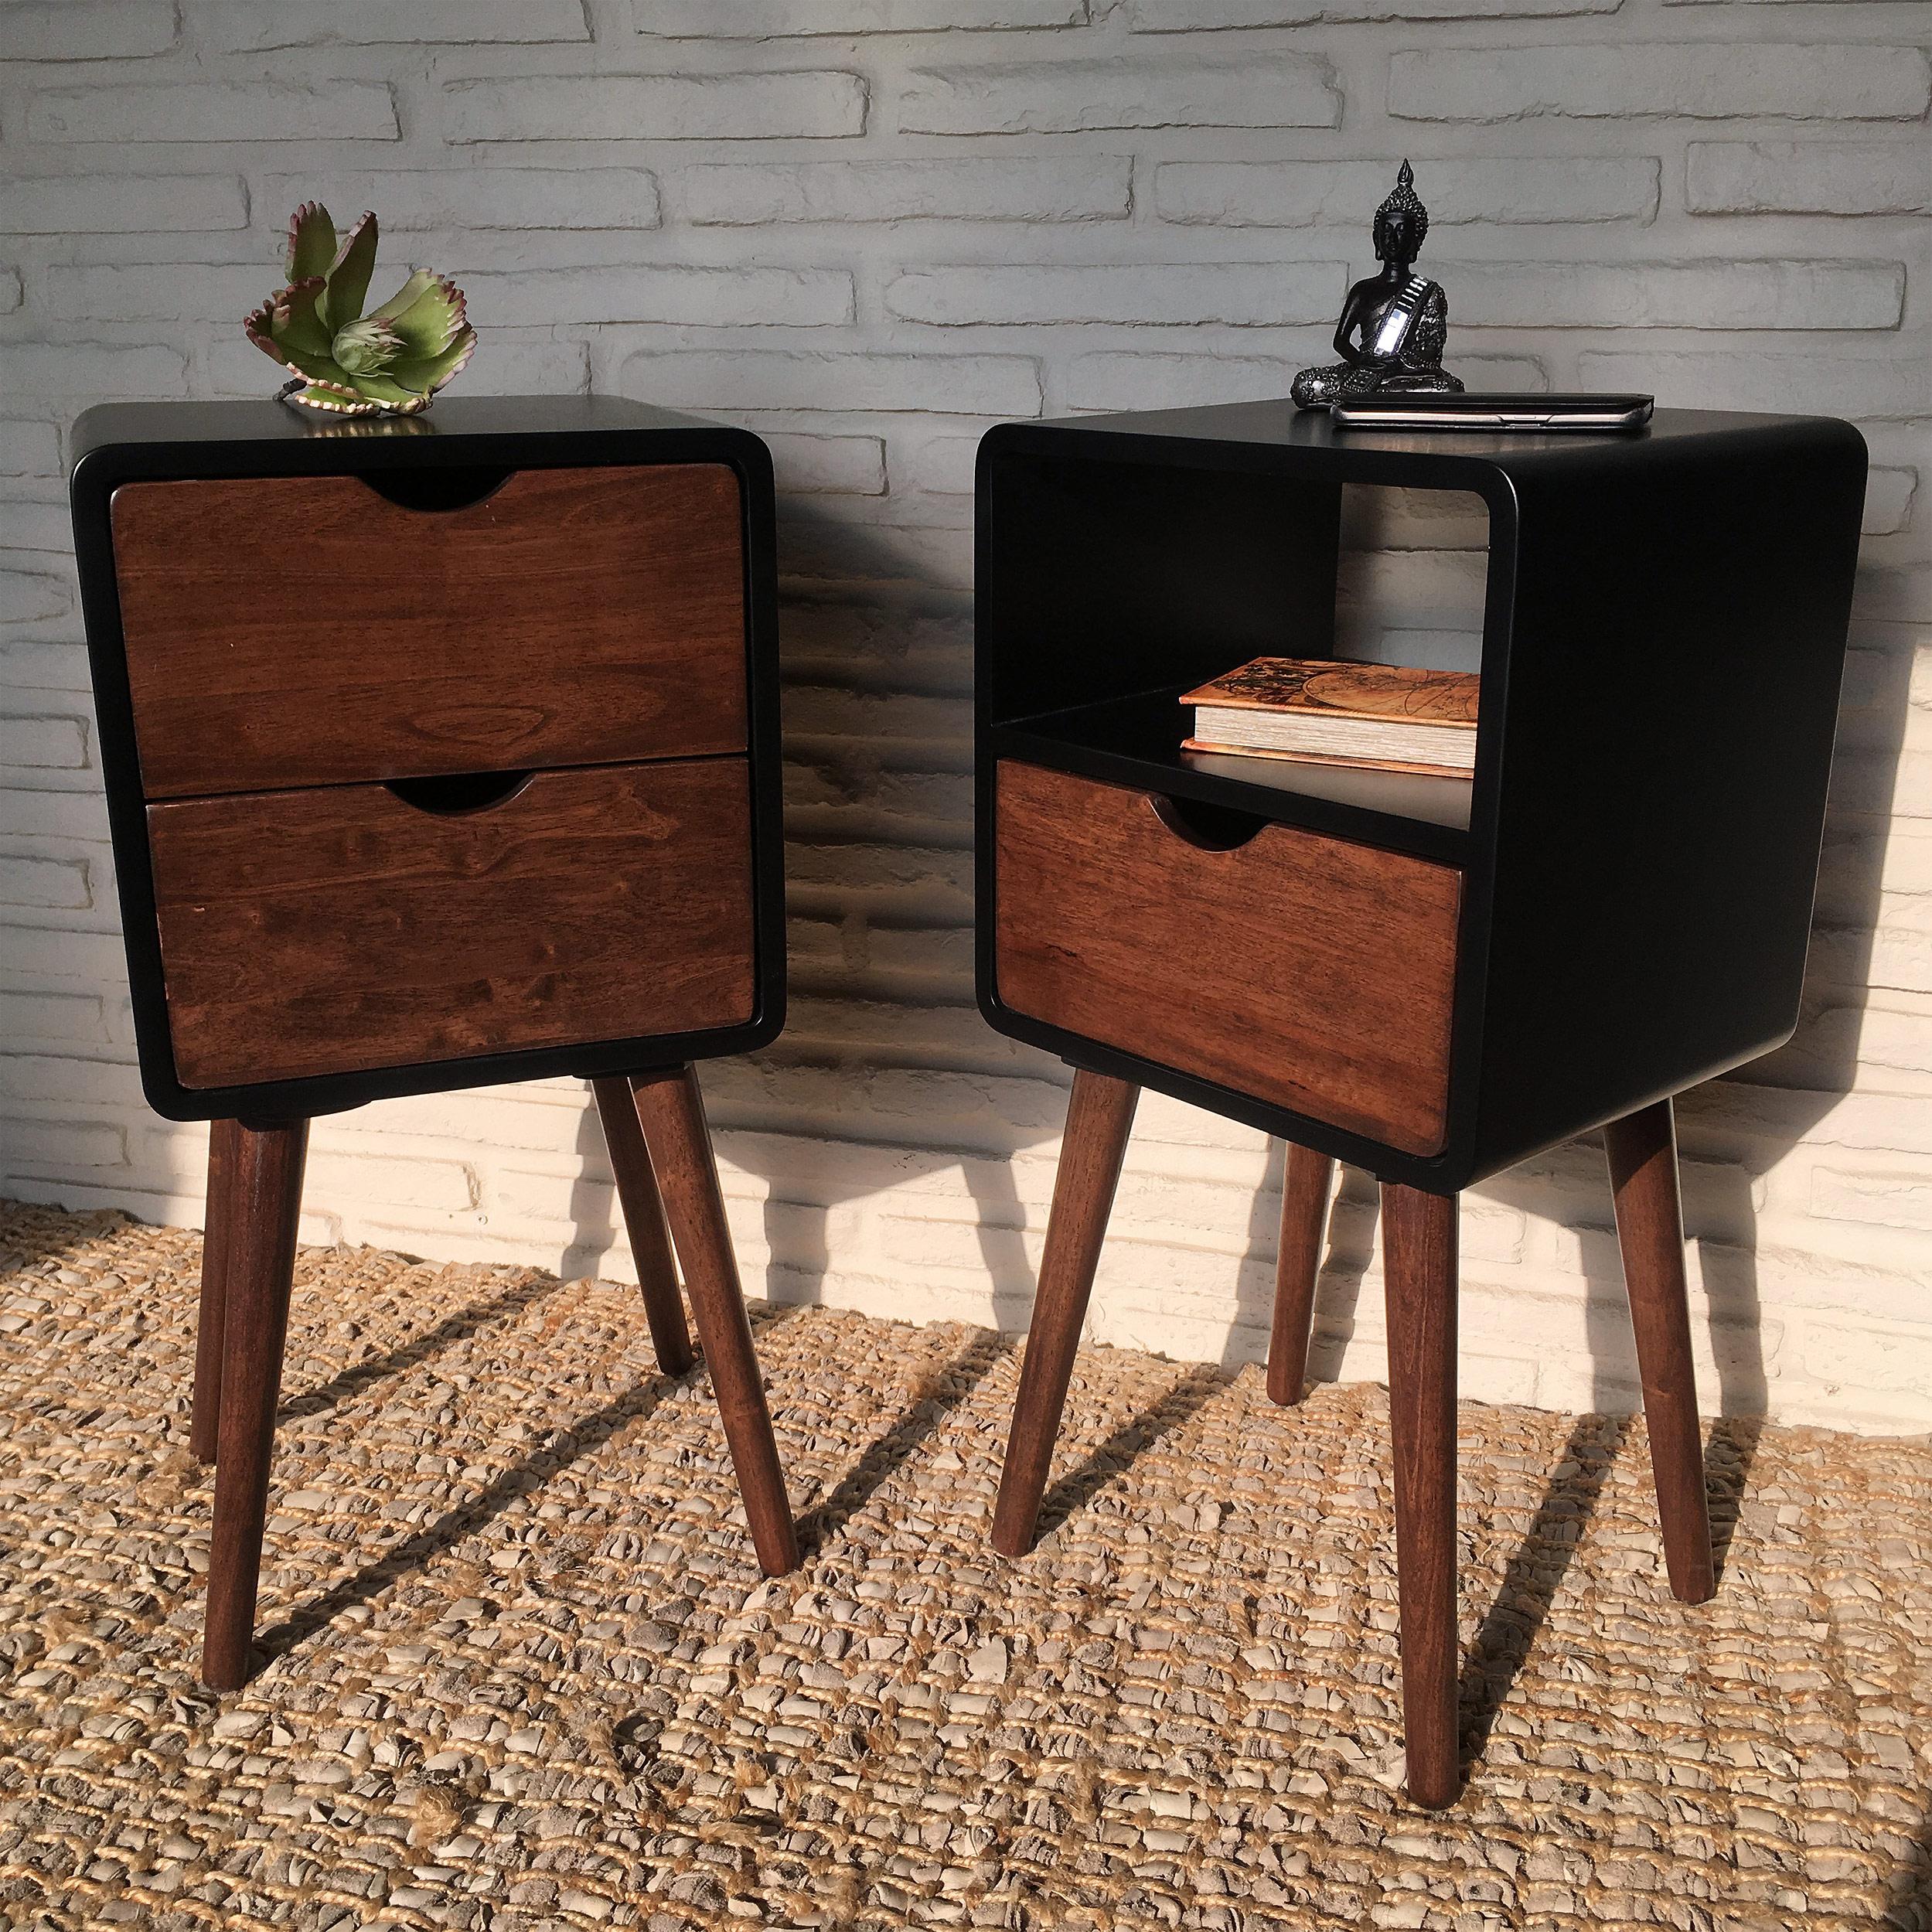 2x nachttisch beistelltisch telefontisch 1 2 schubladen. Black Bedroom Furniture Sets. Home Design Ideas